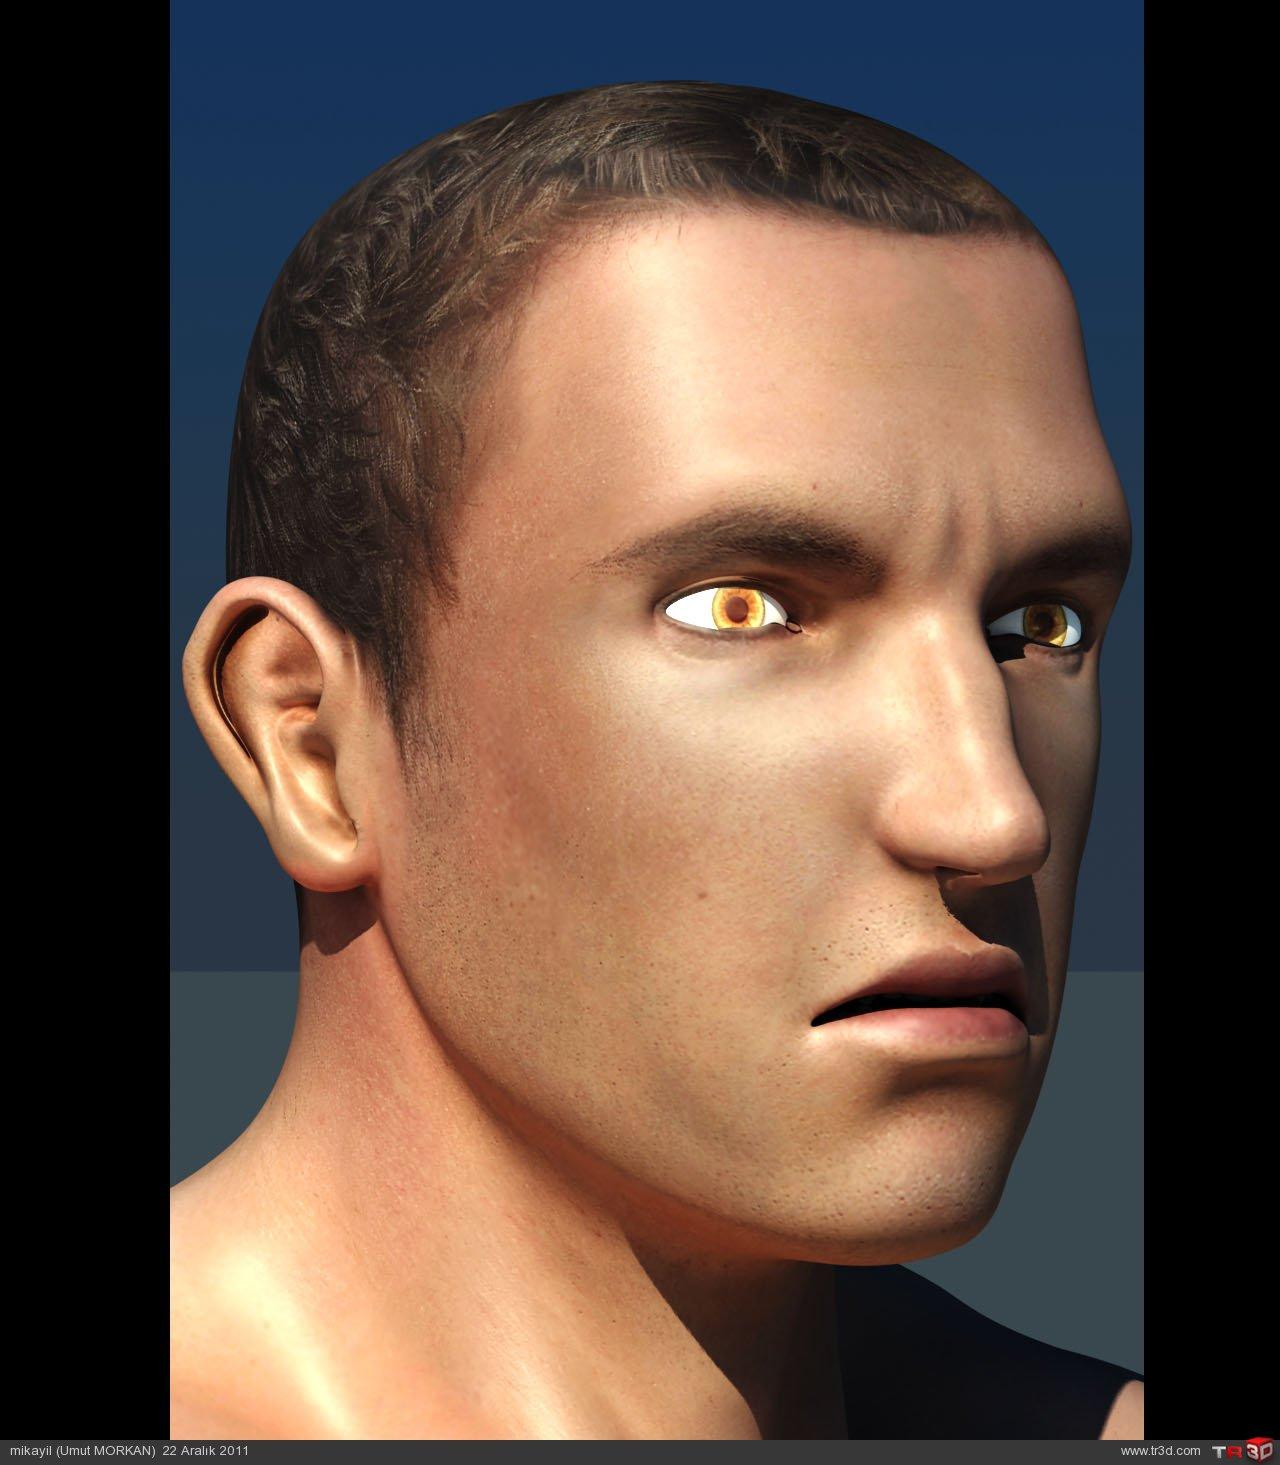 Male character modeling(Erkek karakter modelemesi) 3